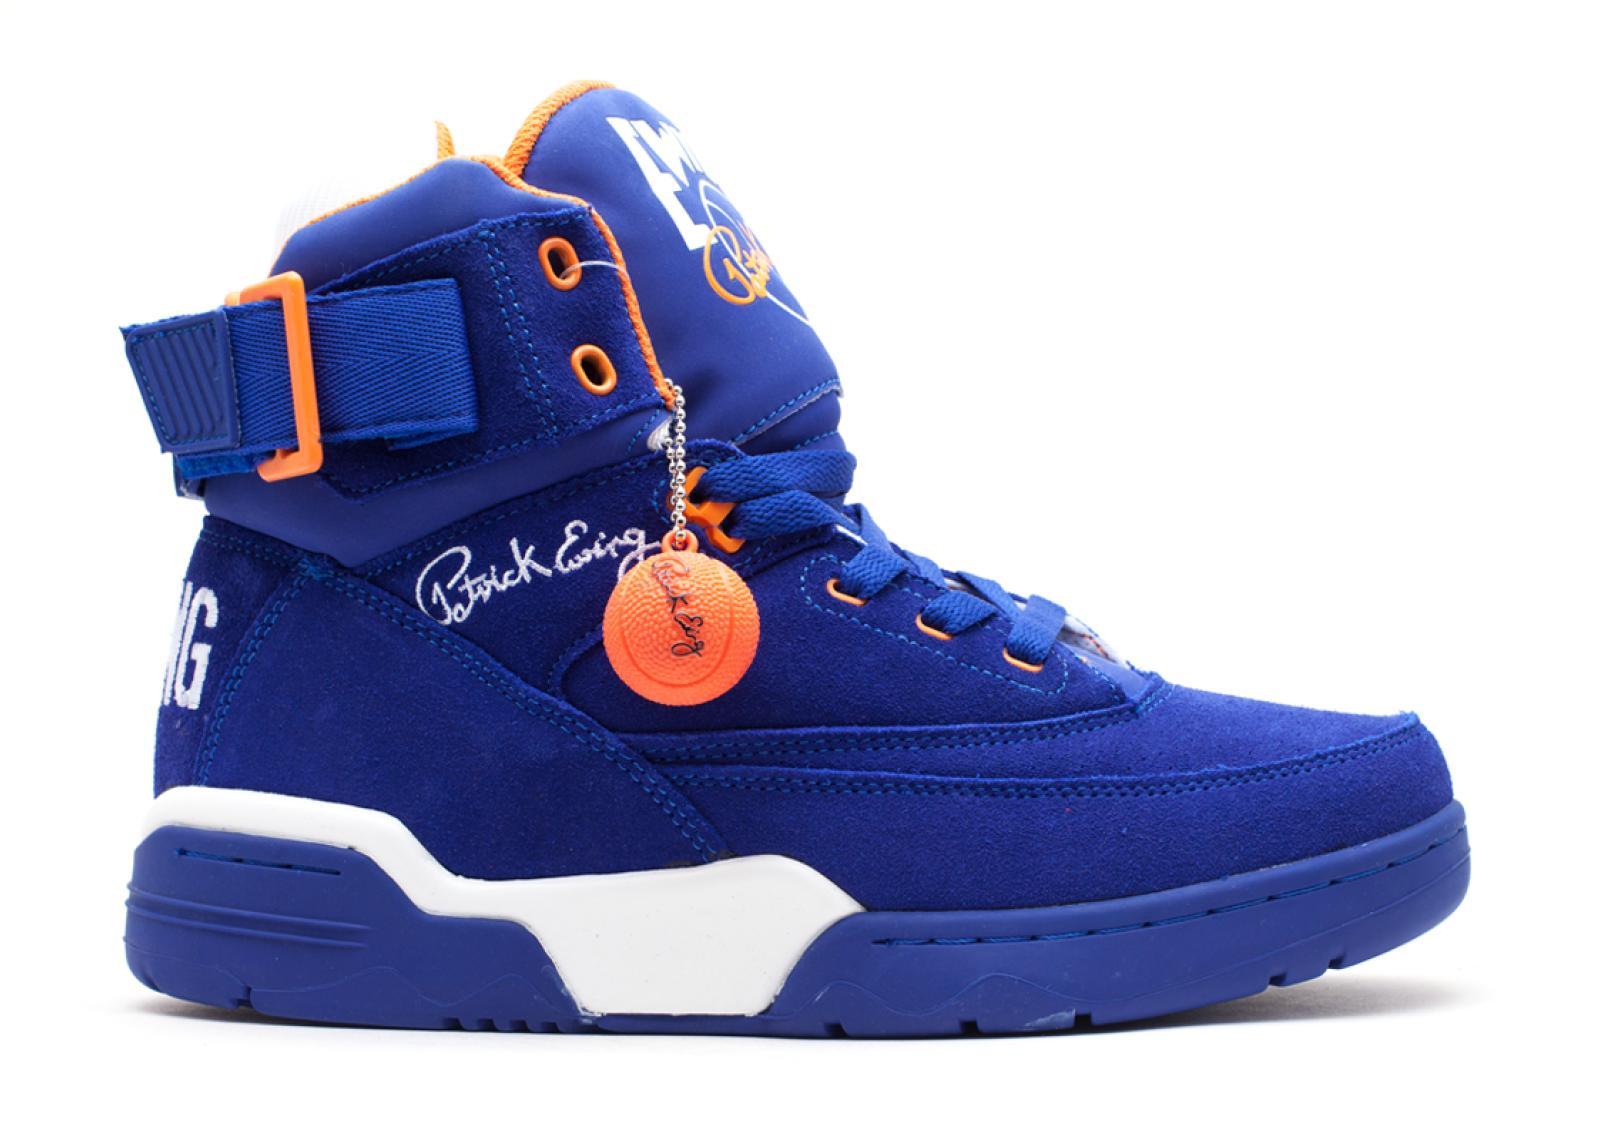 ハイ メンズ 男性用 靴 メンズ靴 スニーカー 【 EWING 33 HI BLUE ORANGEWHITE 】